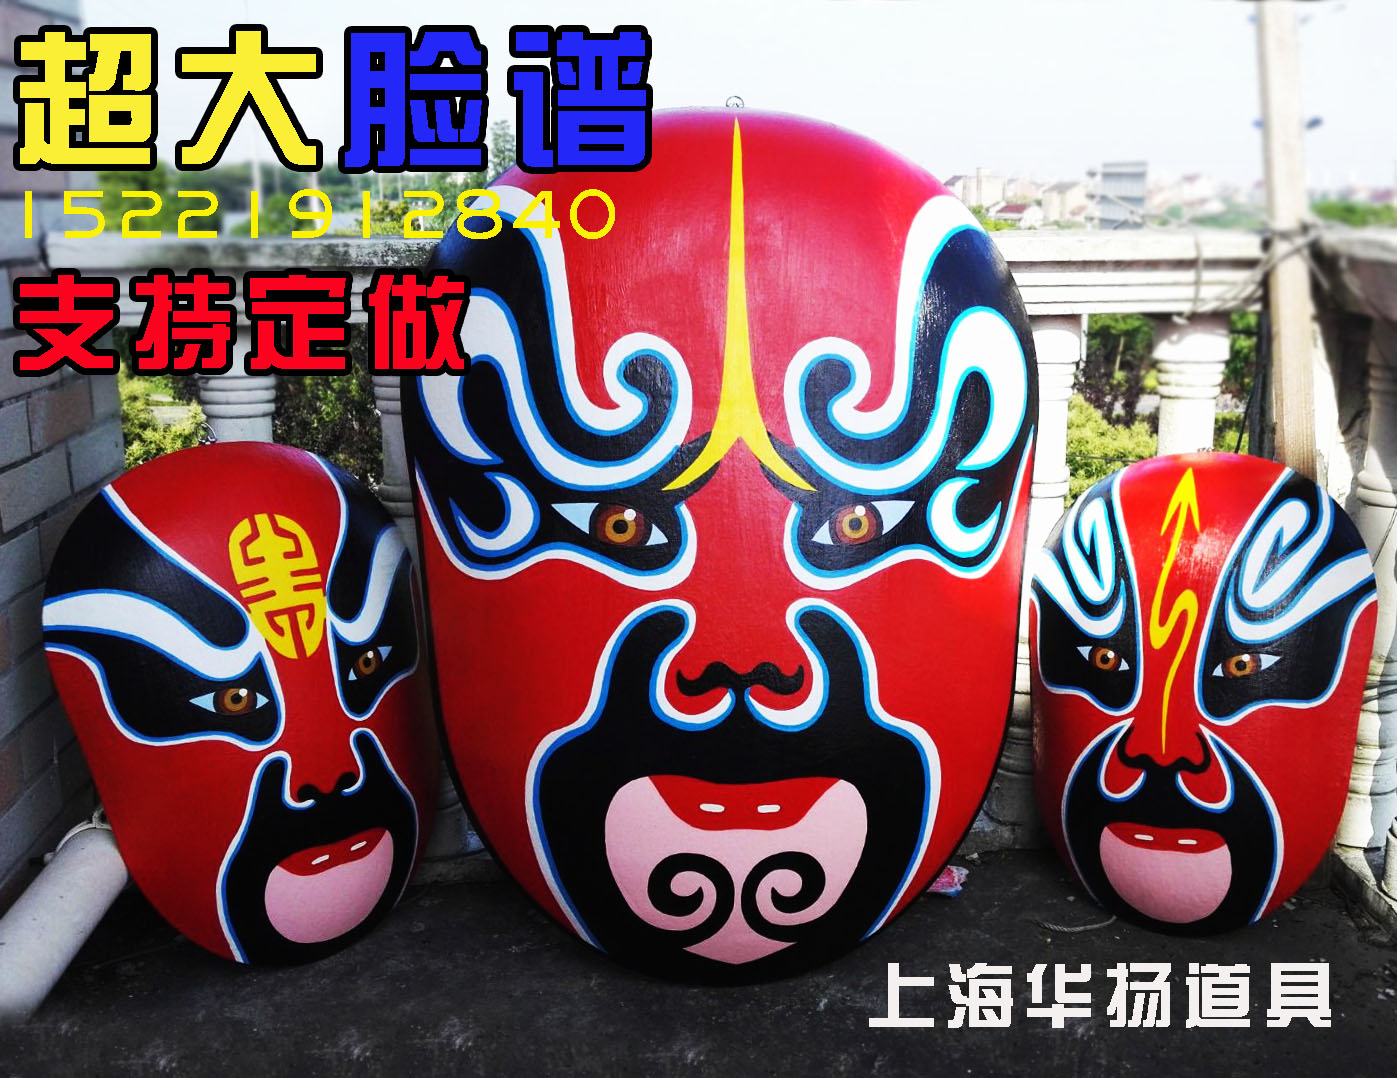 китайская маска Большие Facebook большие пекинская Опера yuju Сычуань Опера Китайская Опера маска украшения висит